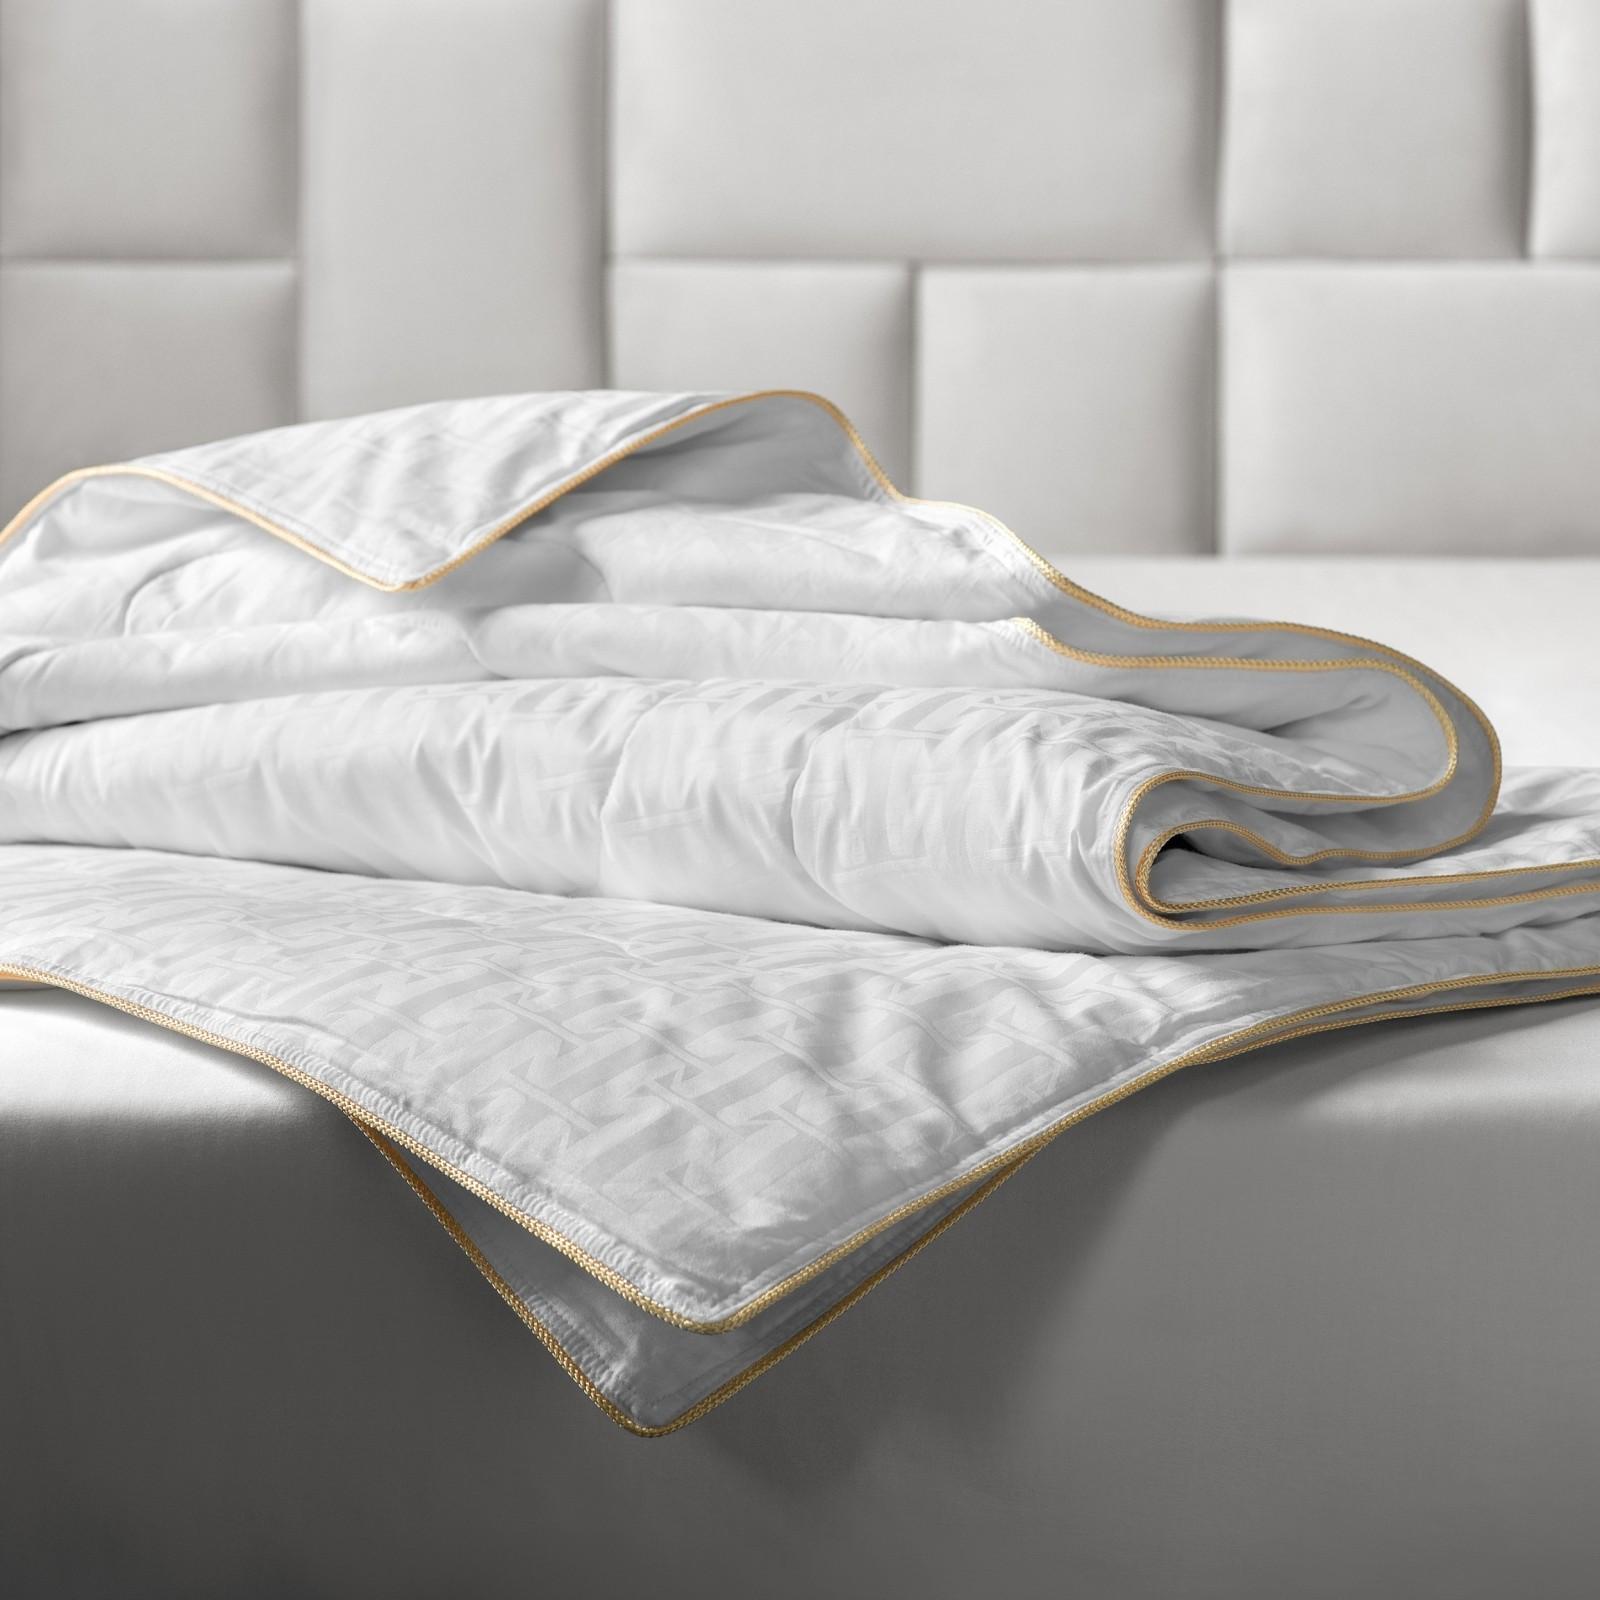 Купить Одеяла Togas, Одеяло Селена (200х210 см), Греция, Белый, Хлопковый жаккард